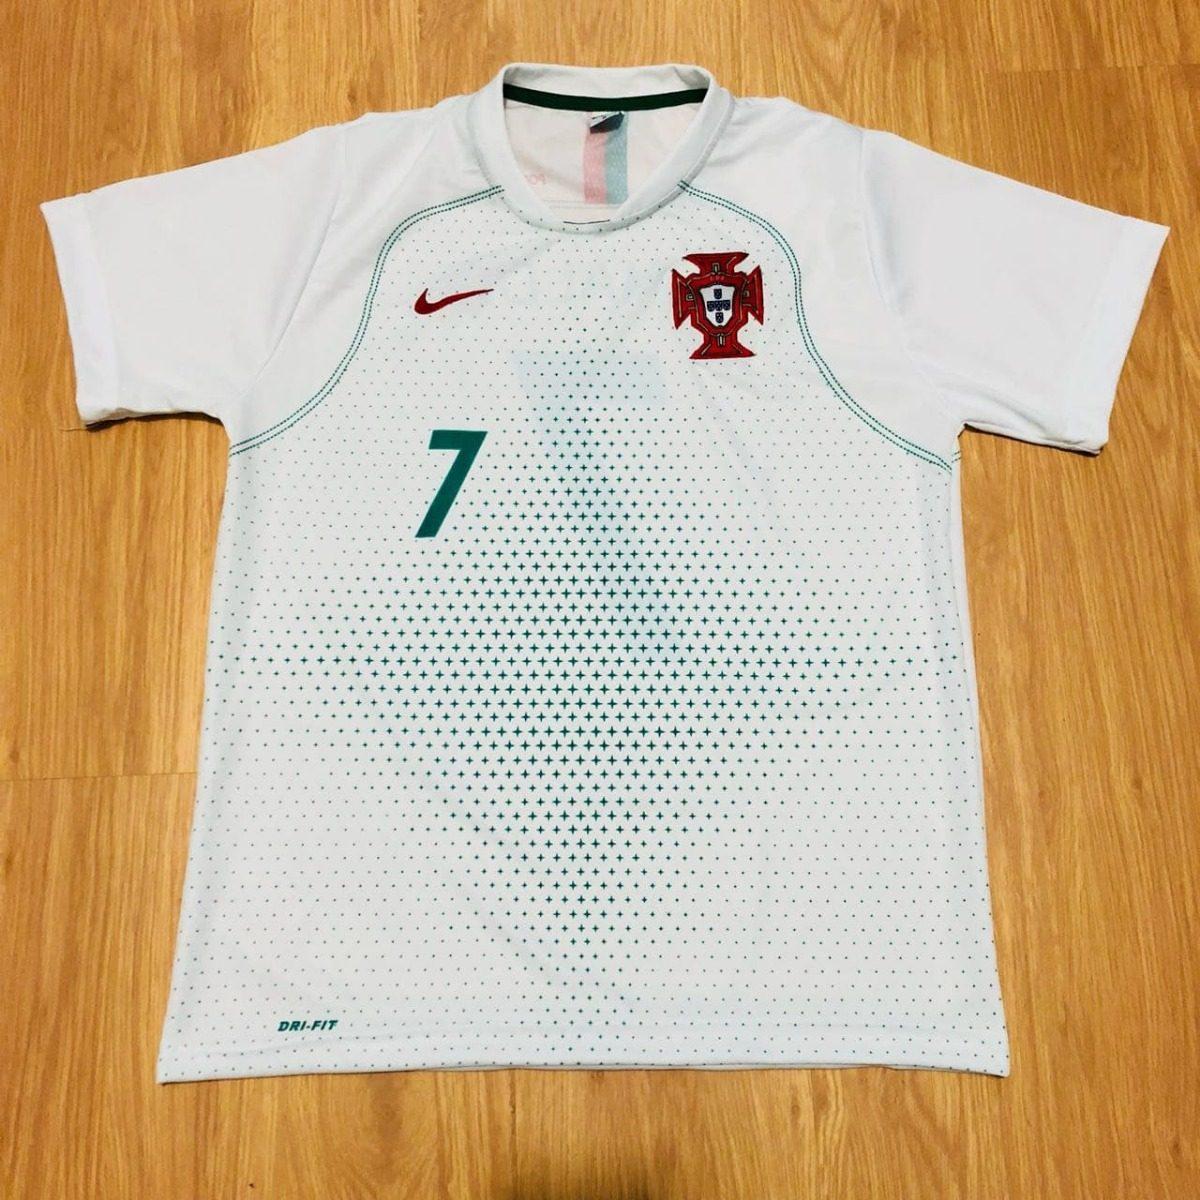 camisa portugal branca cristiano ronaldo 2018 copa do mundo. Carregando  zoom. e84f67c93f784